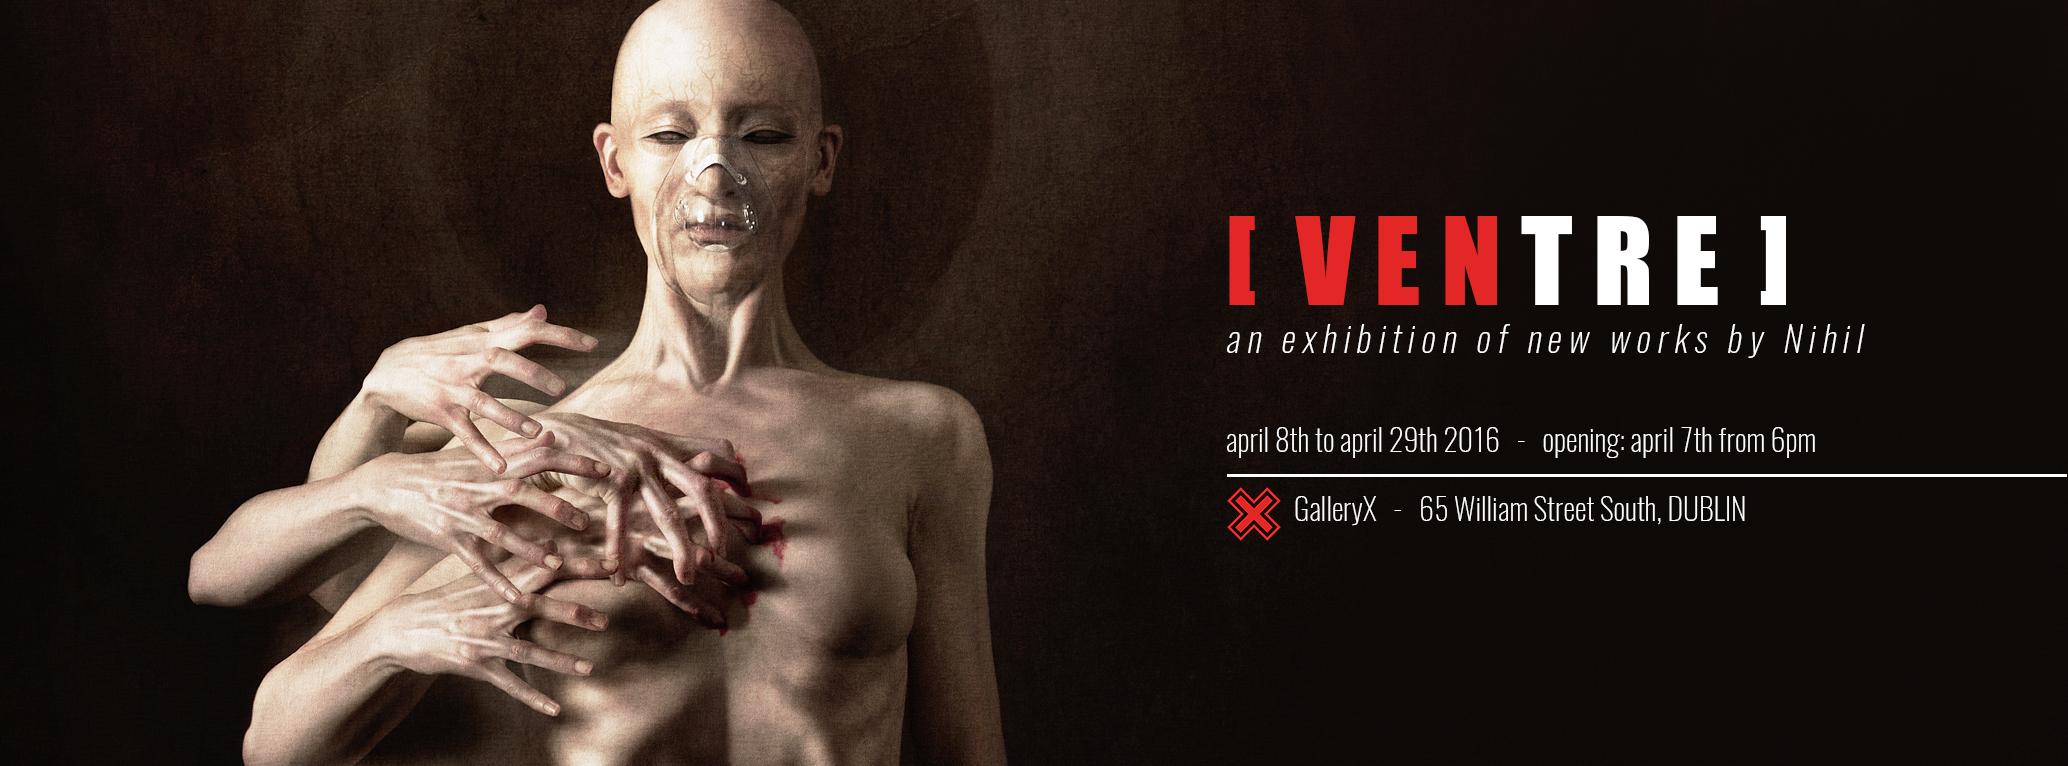 Ventre solo exhibition in Dublin